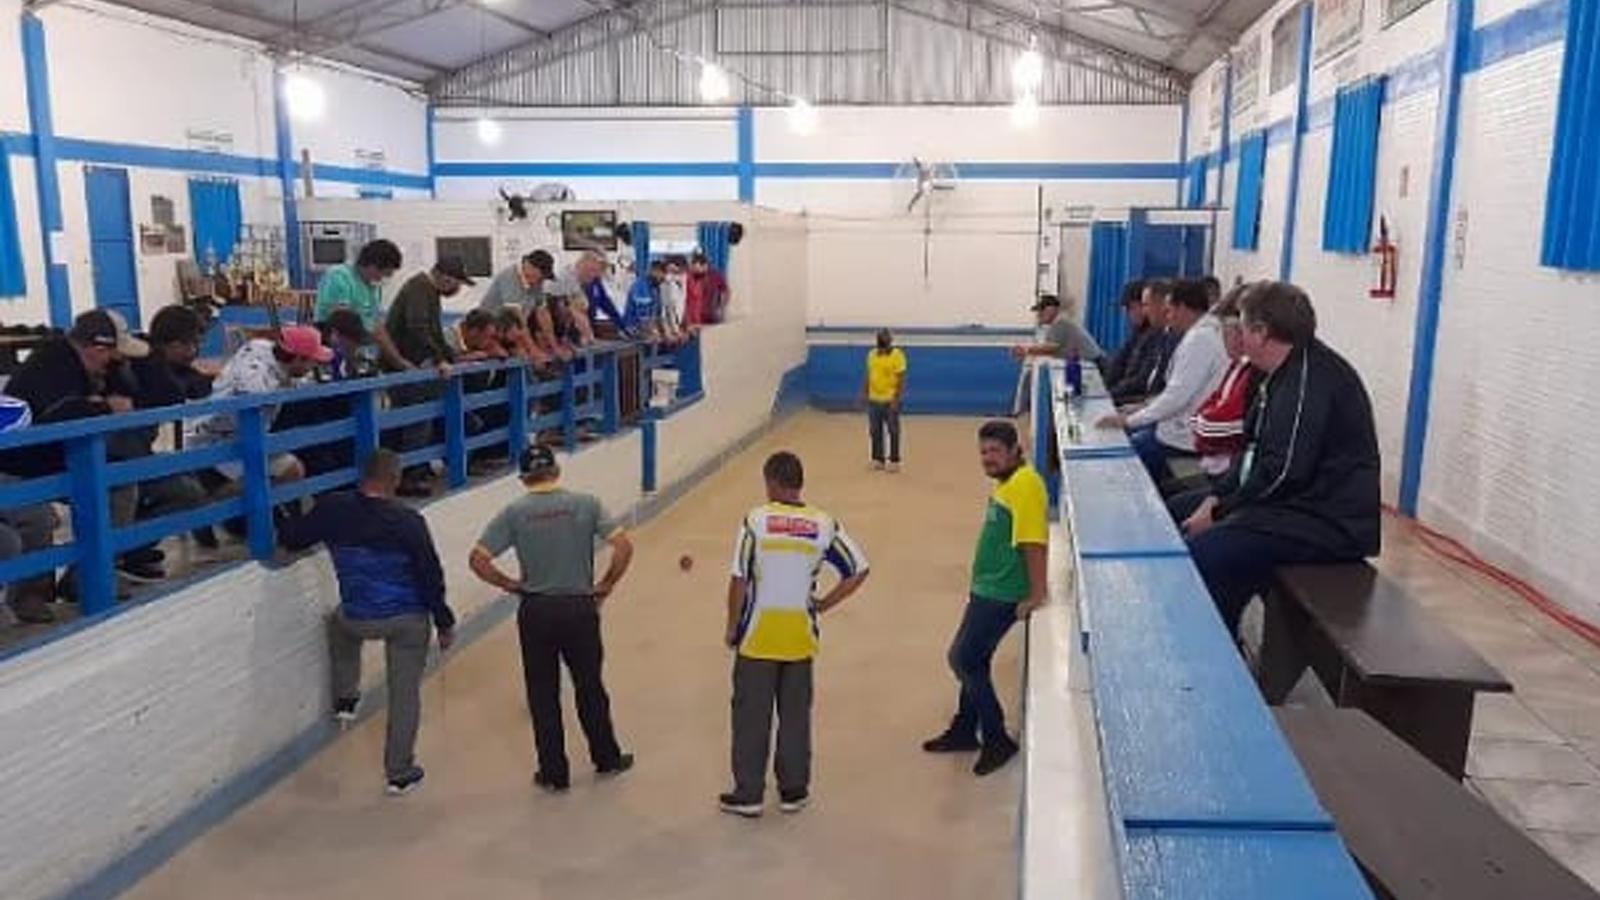 Campeonato de Bocha de Não-Me-Toque retorna após um ano e sete meses